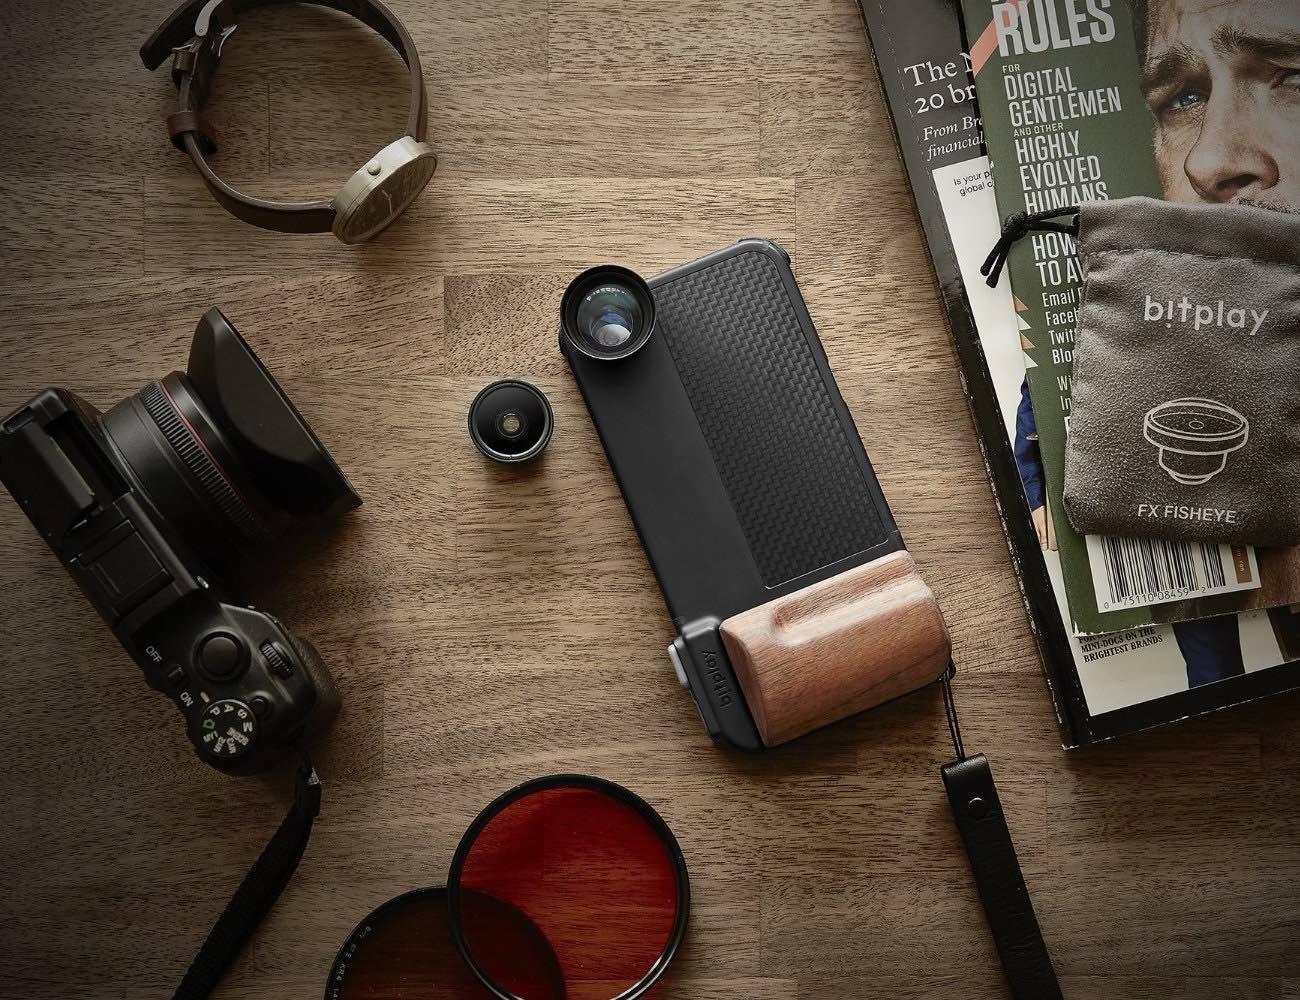 snap-pro-camera-case-kit-by-bitplay-01